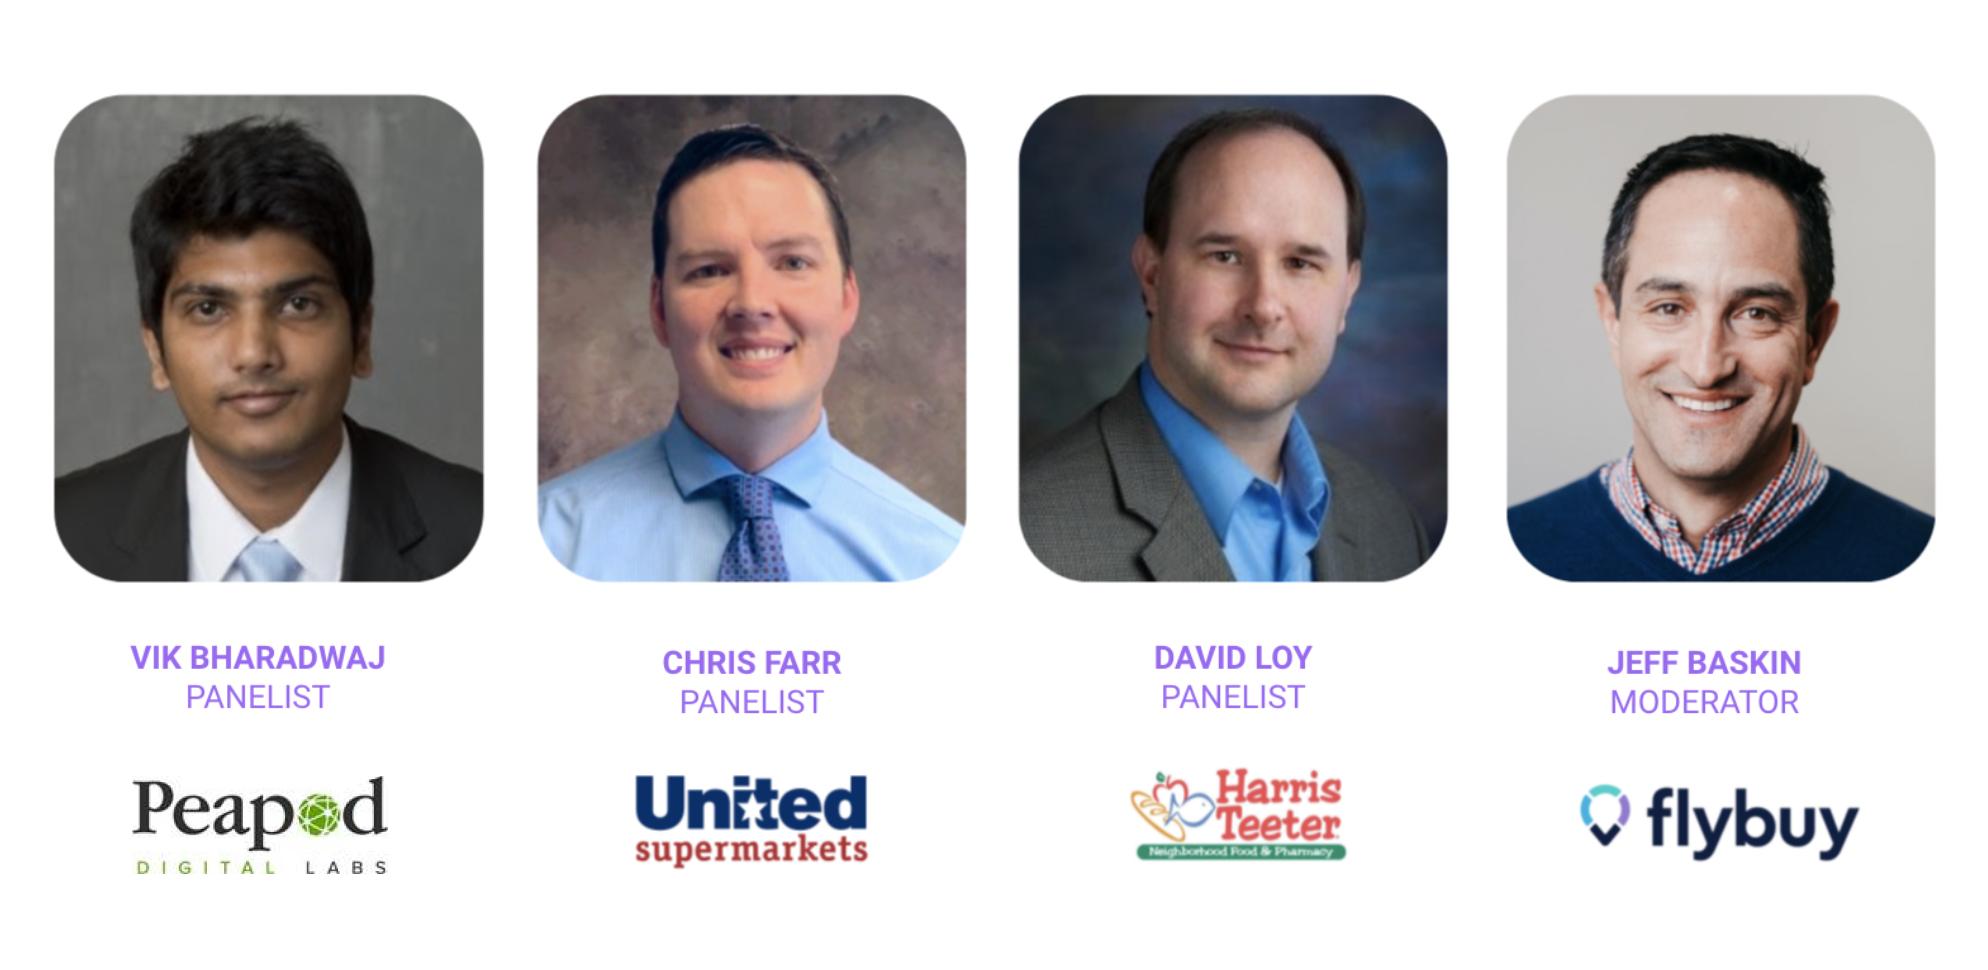 flybuy webinar panelists